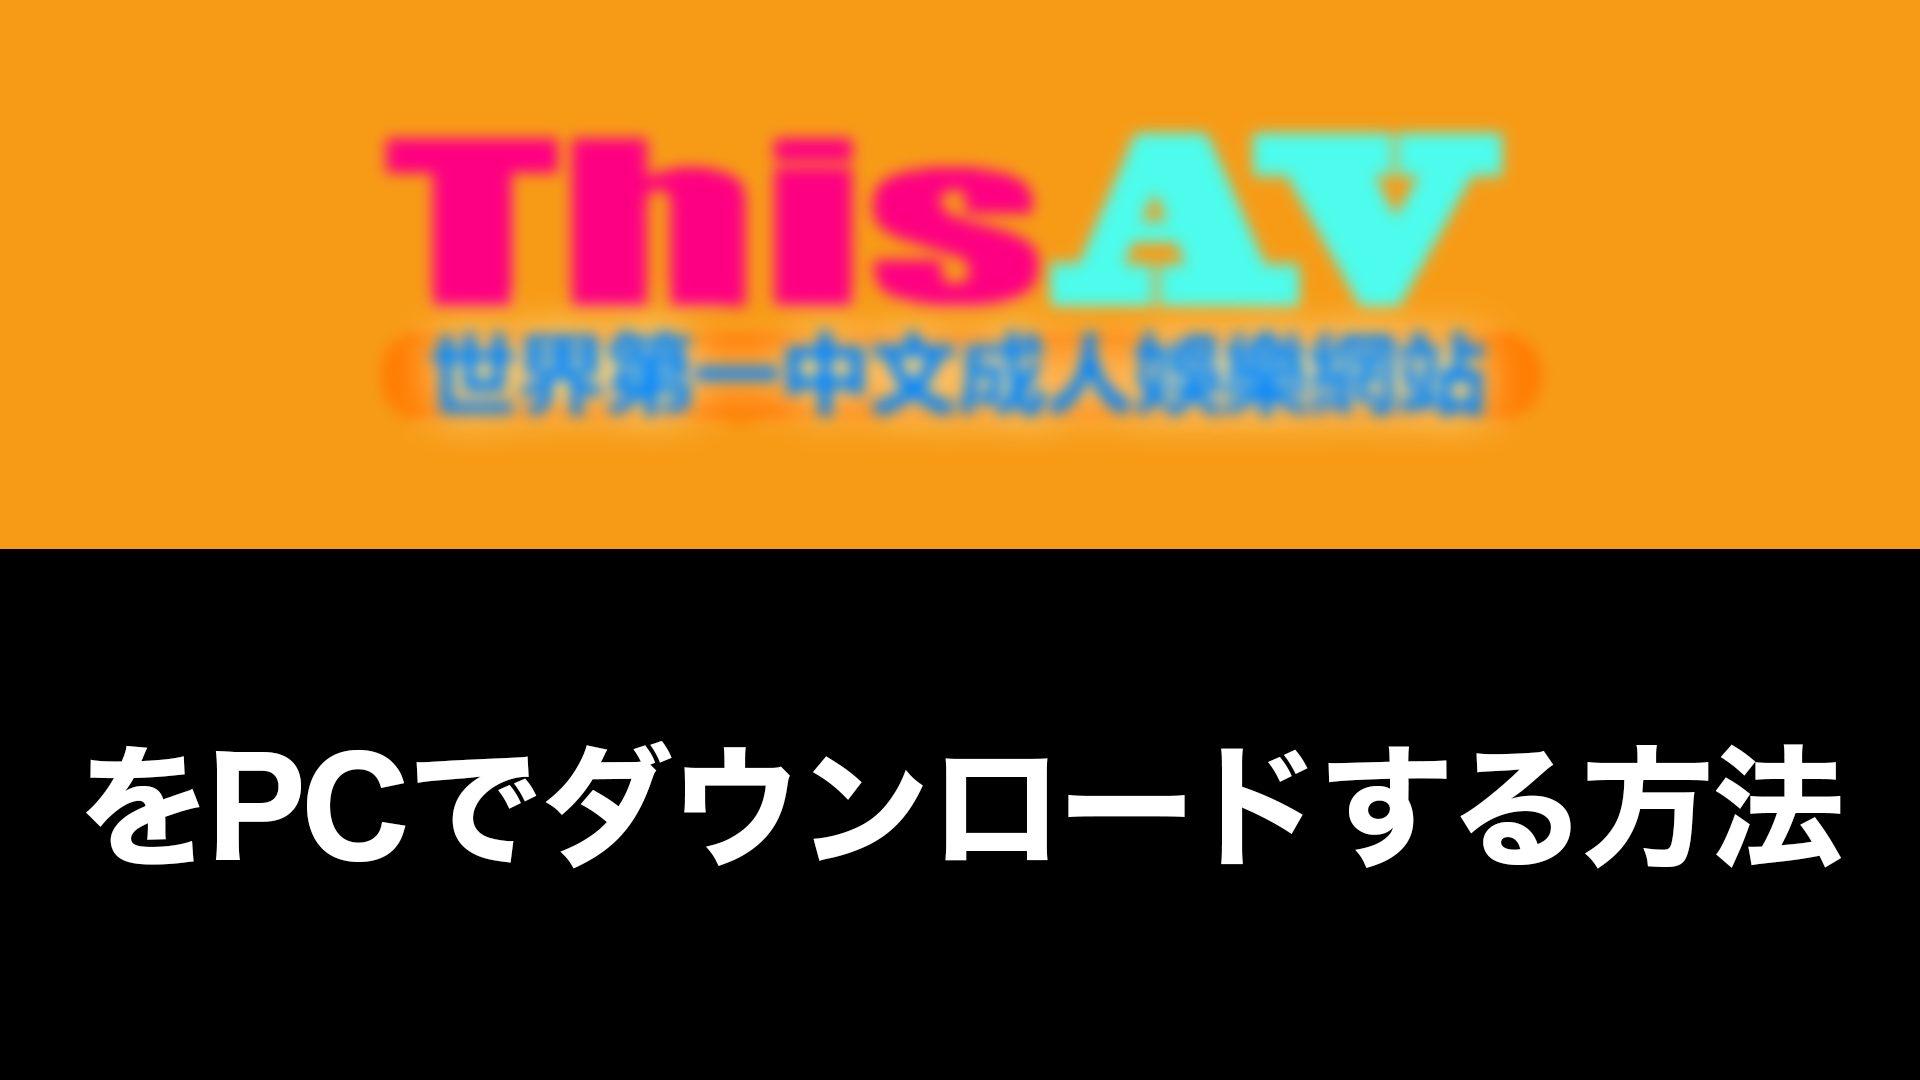 ThisAV - 【ThisAV】をPCでダウンロードする方法